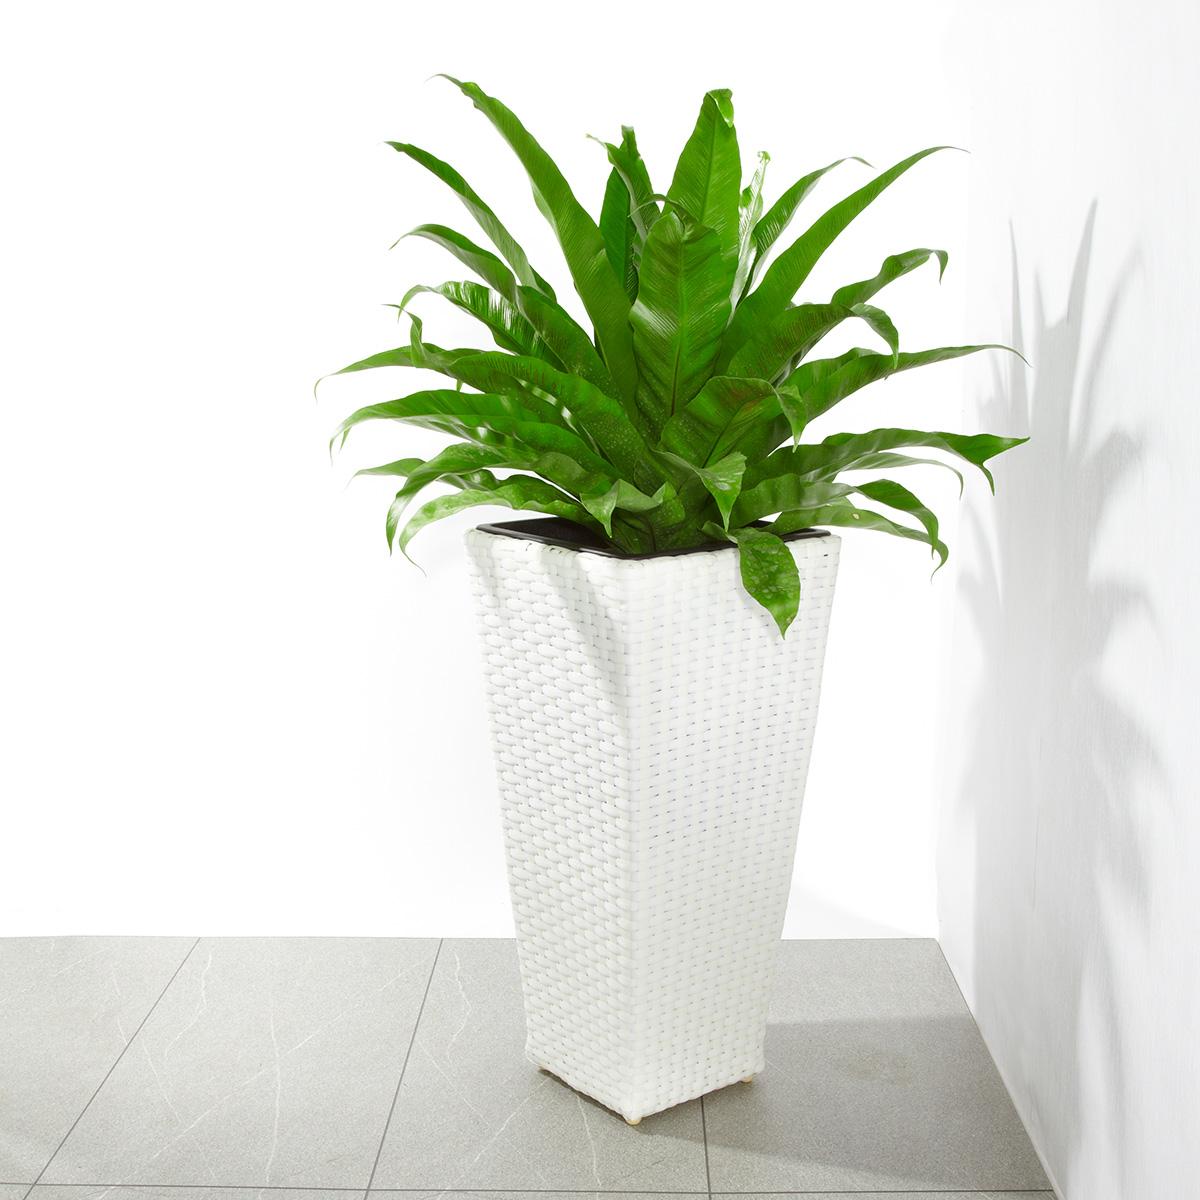 Pflanzkübel Polyrattan für innen und außen, 28 x 28 x 60 cm, weiß ...